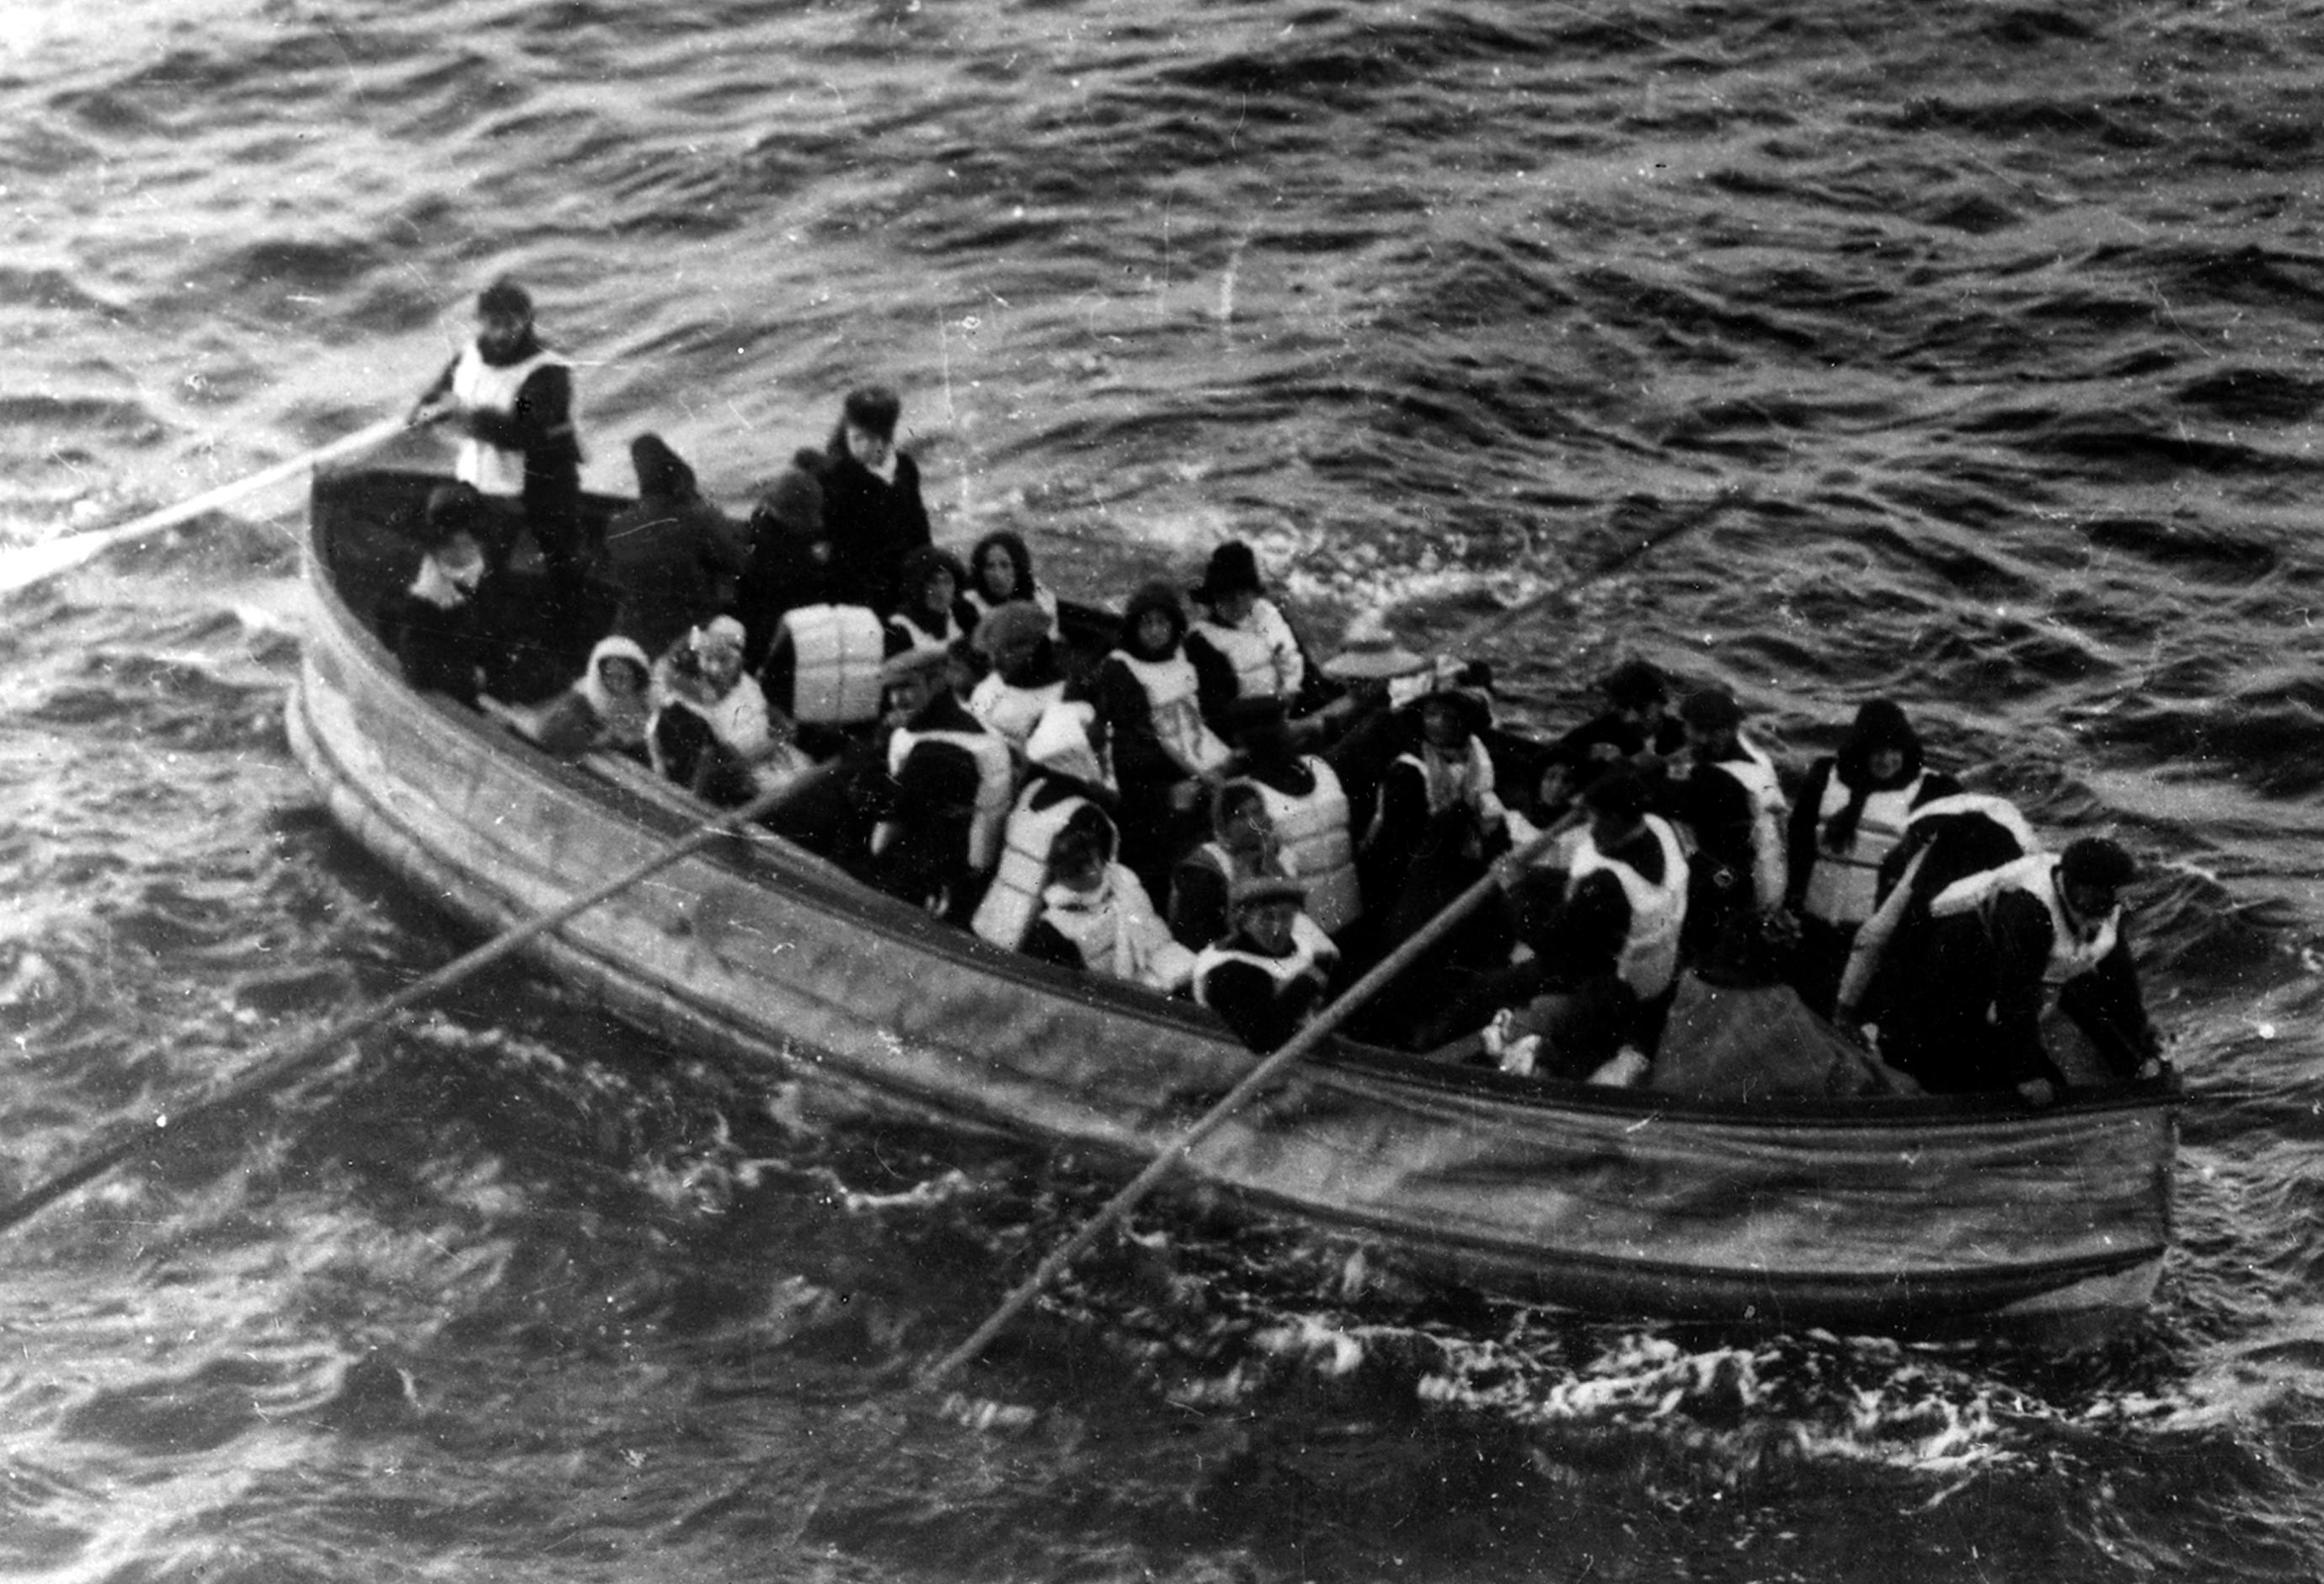 Le bateau de sauvetage dans lequel Björnström-Steffansson s'est réfugié lors du naufrage, avant d'être sauvé par le RMS Carpathia, image via Wiki Commons